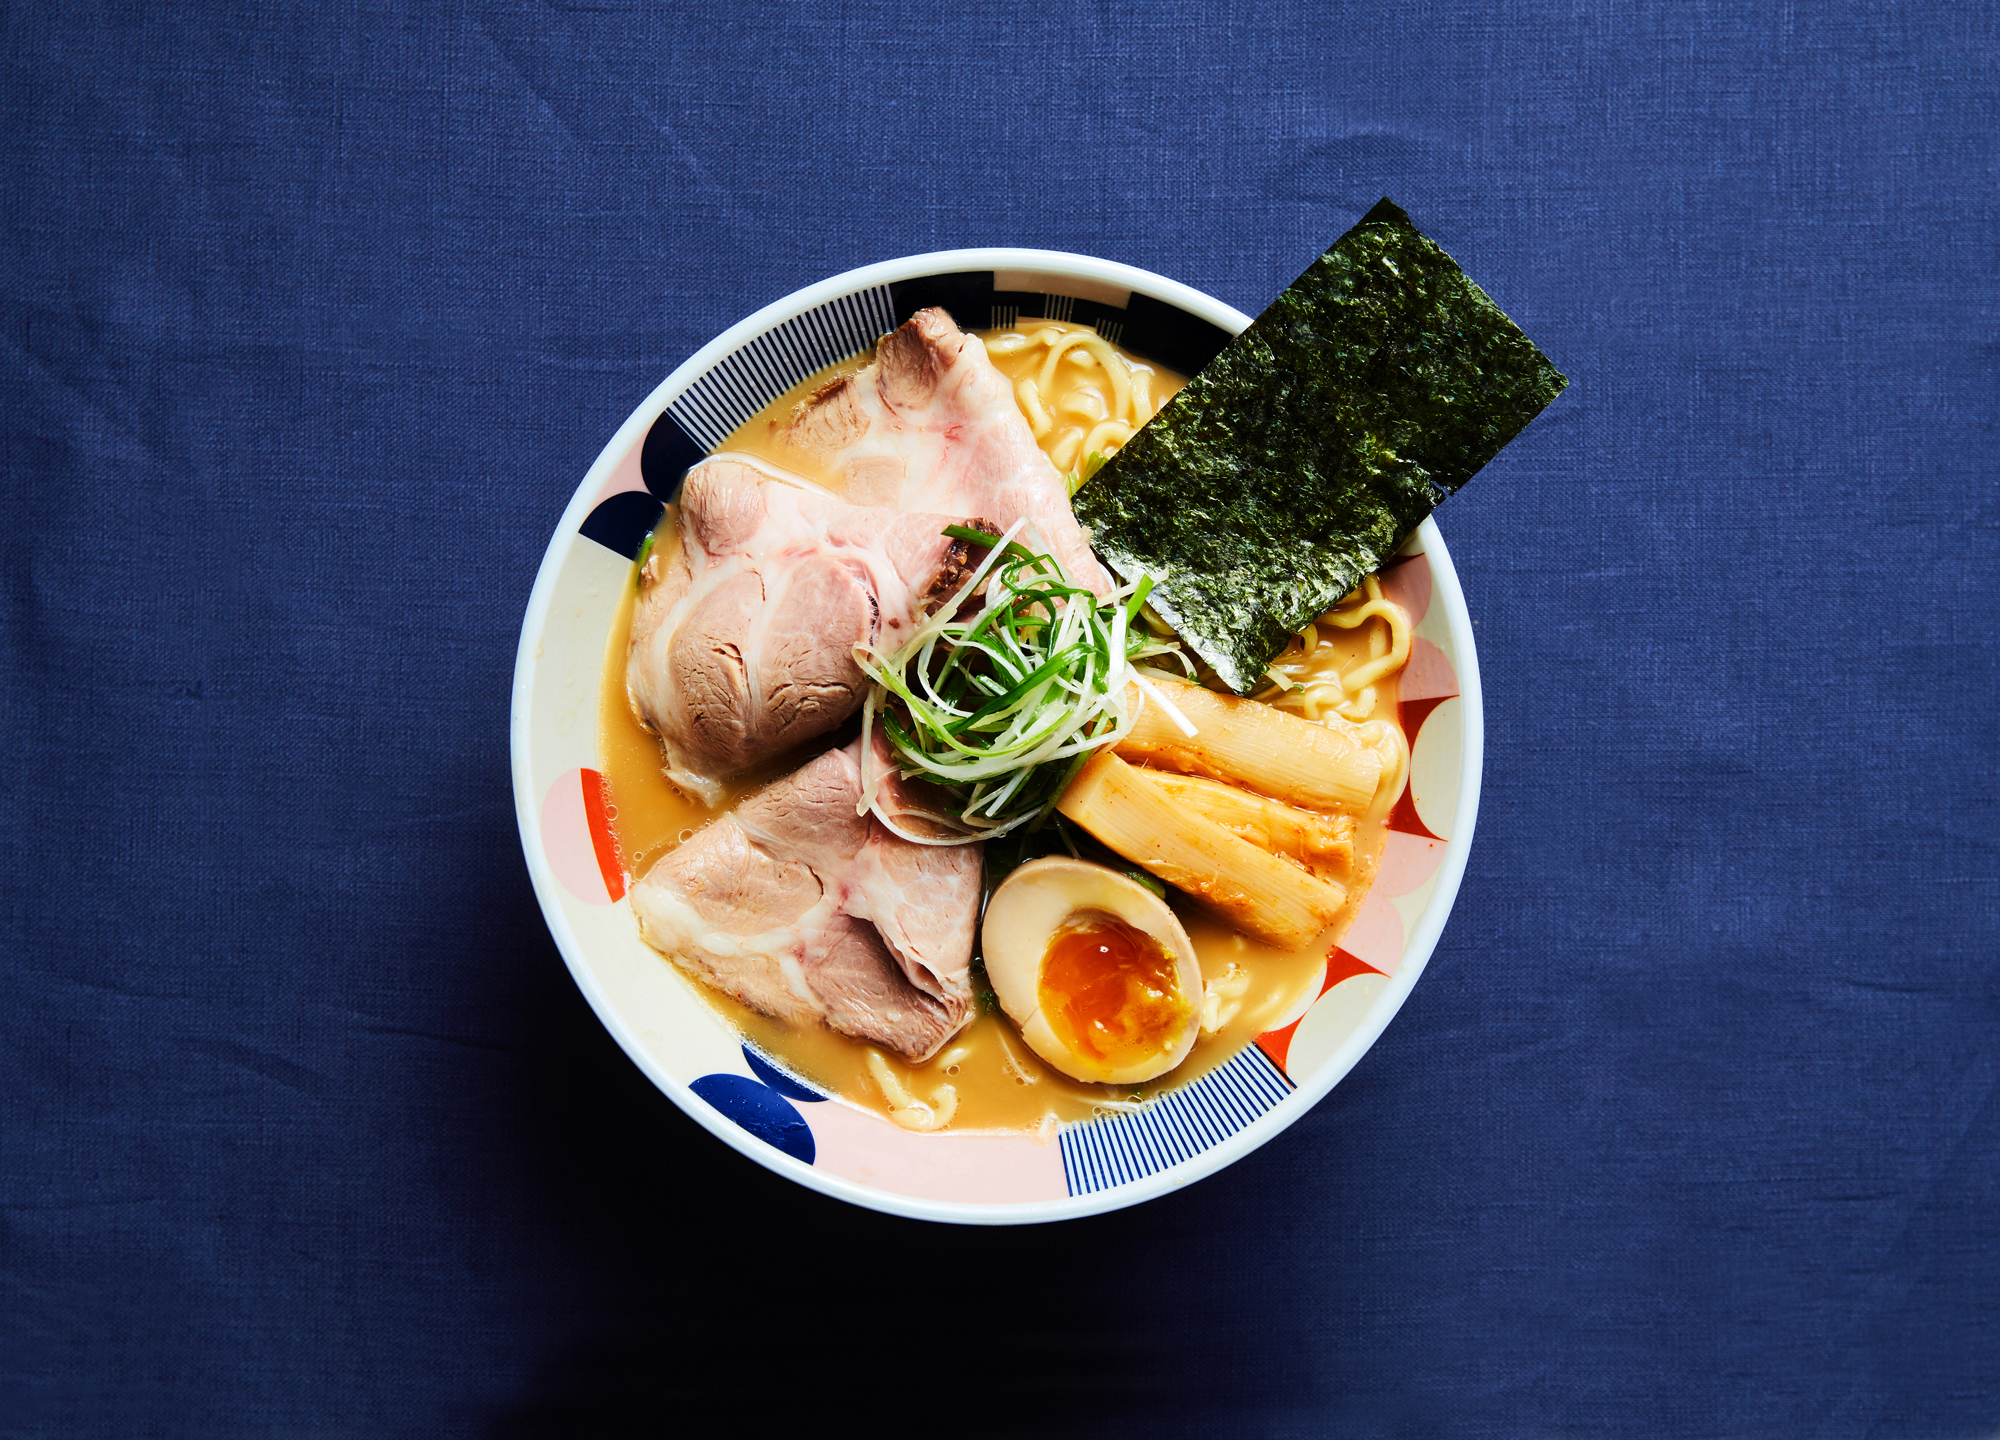 Tonchin_Tokyo_Tonkotsu_Ramen_013_LO2.jpg